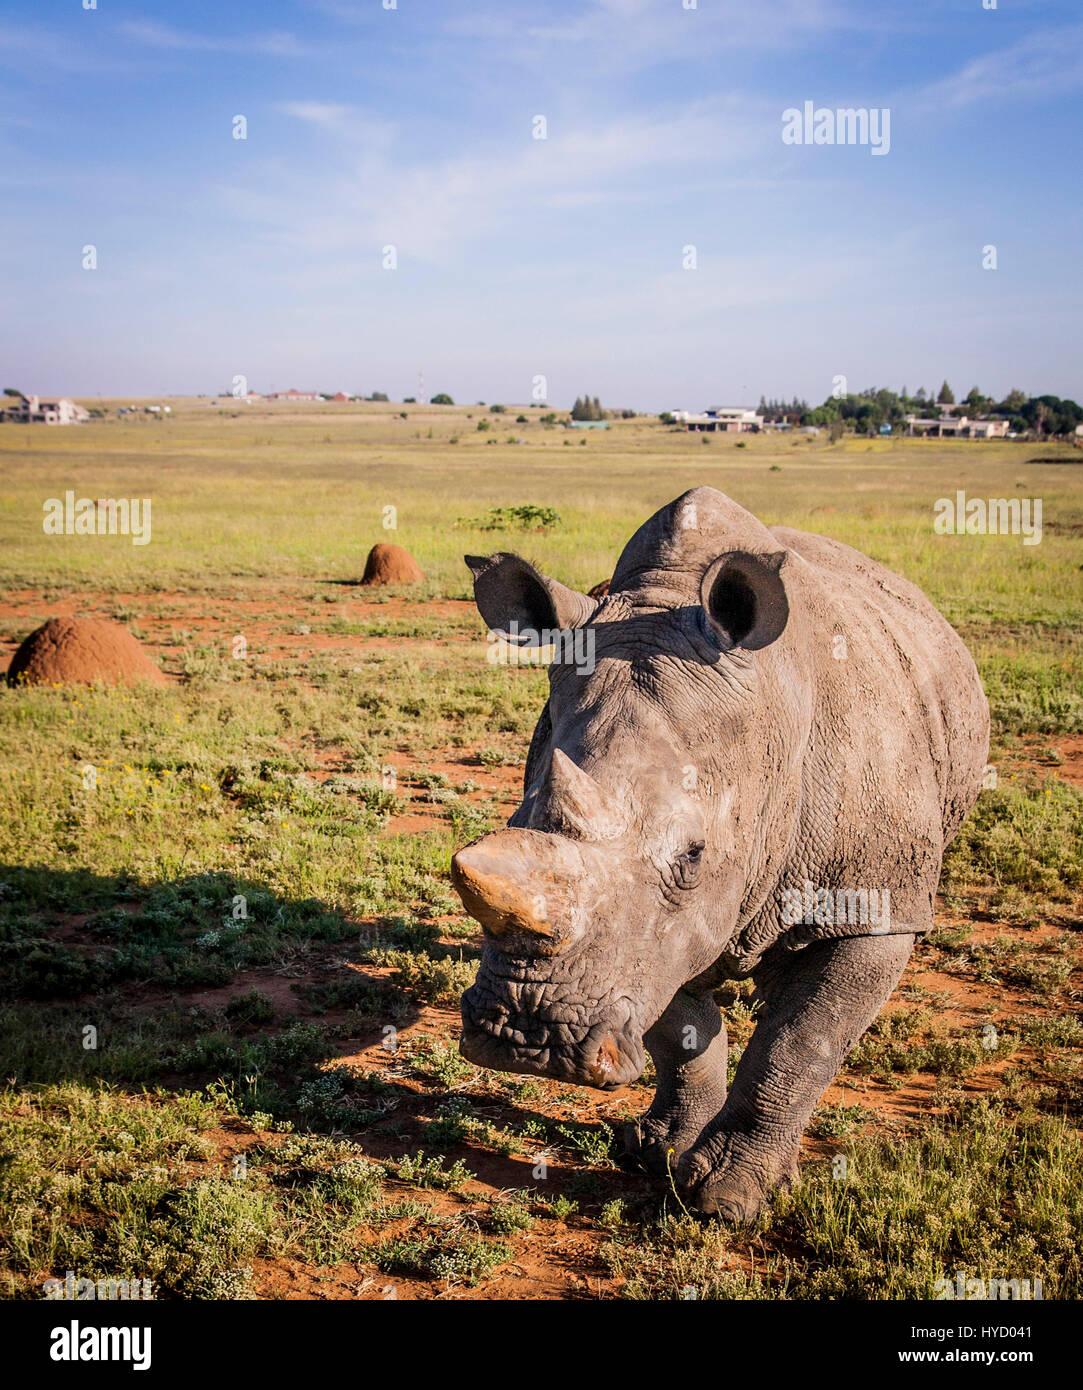 Le rhinocéros blanc d'Afrique du Sud Photo Stock